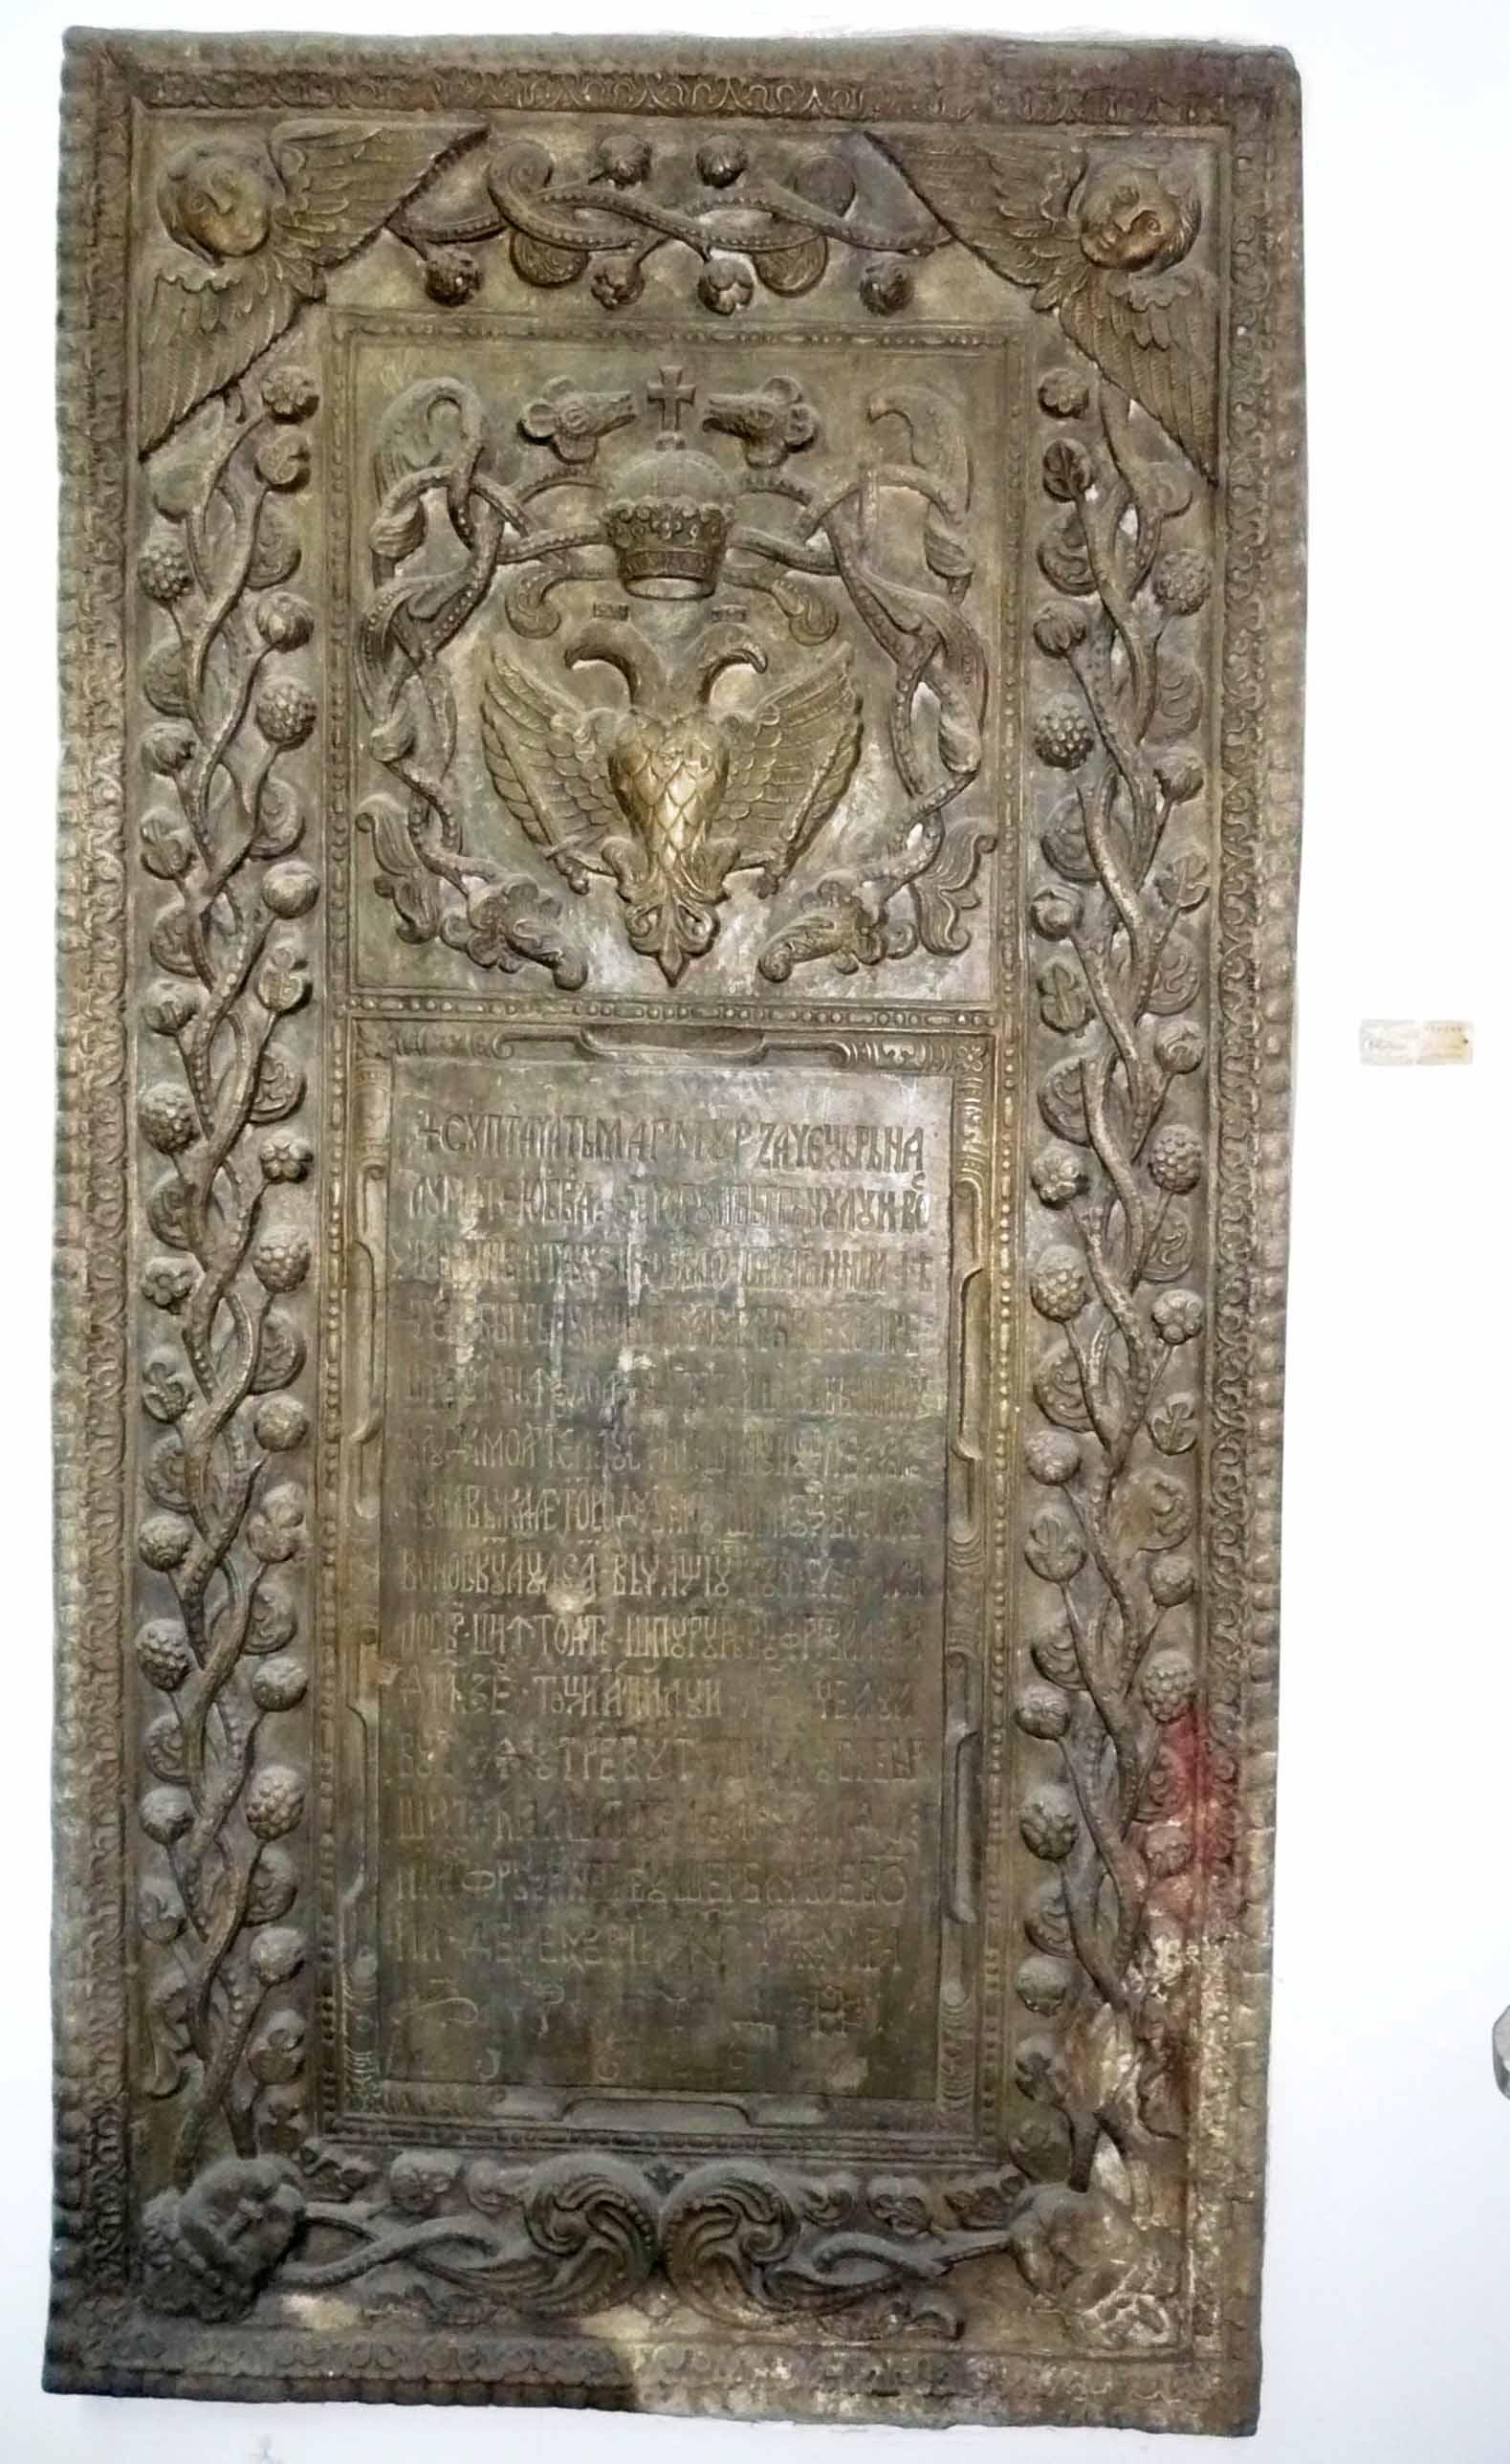 Piatră de mormânt a lui Matei Bscagă Cantacuzino, 1690